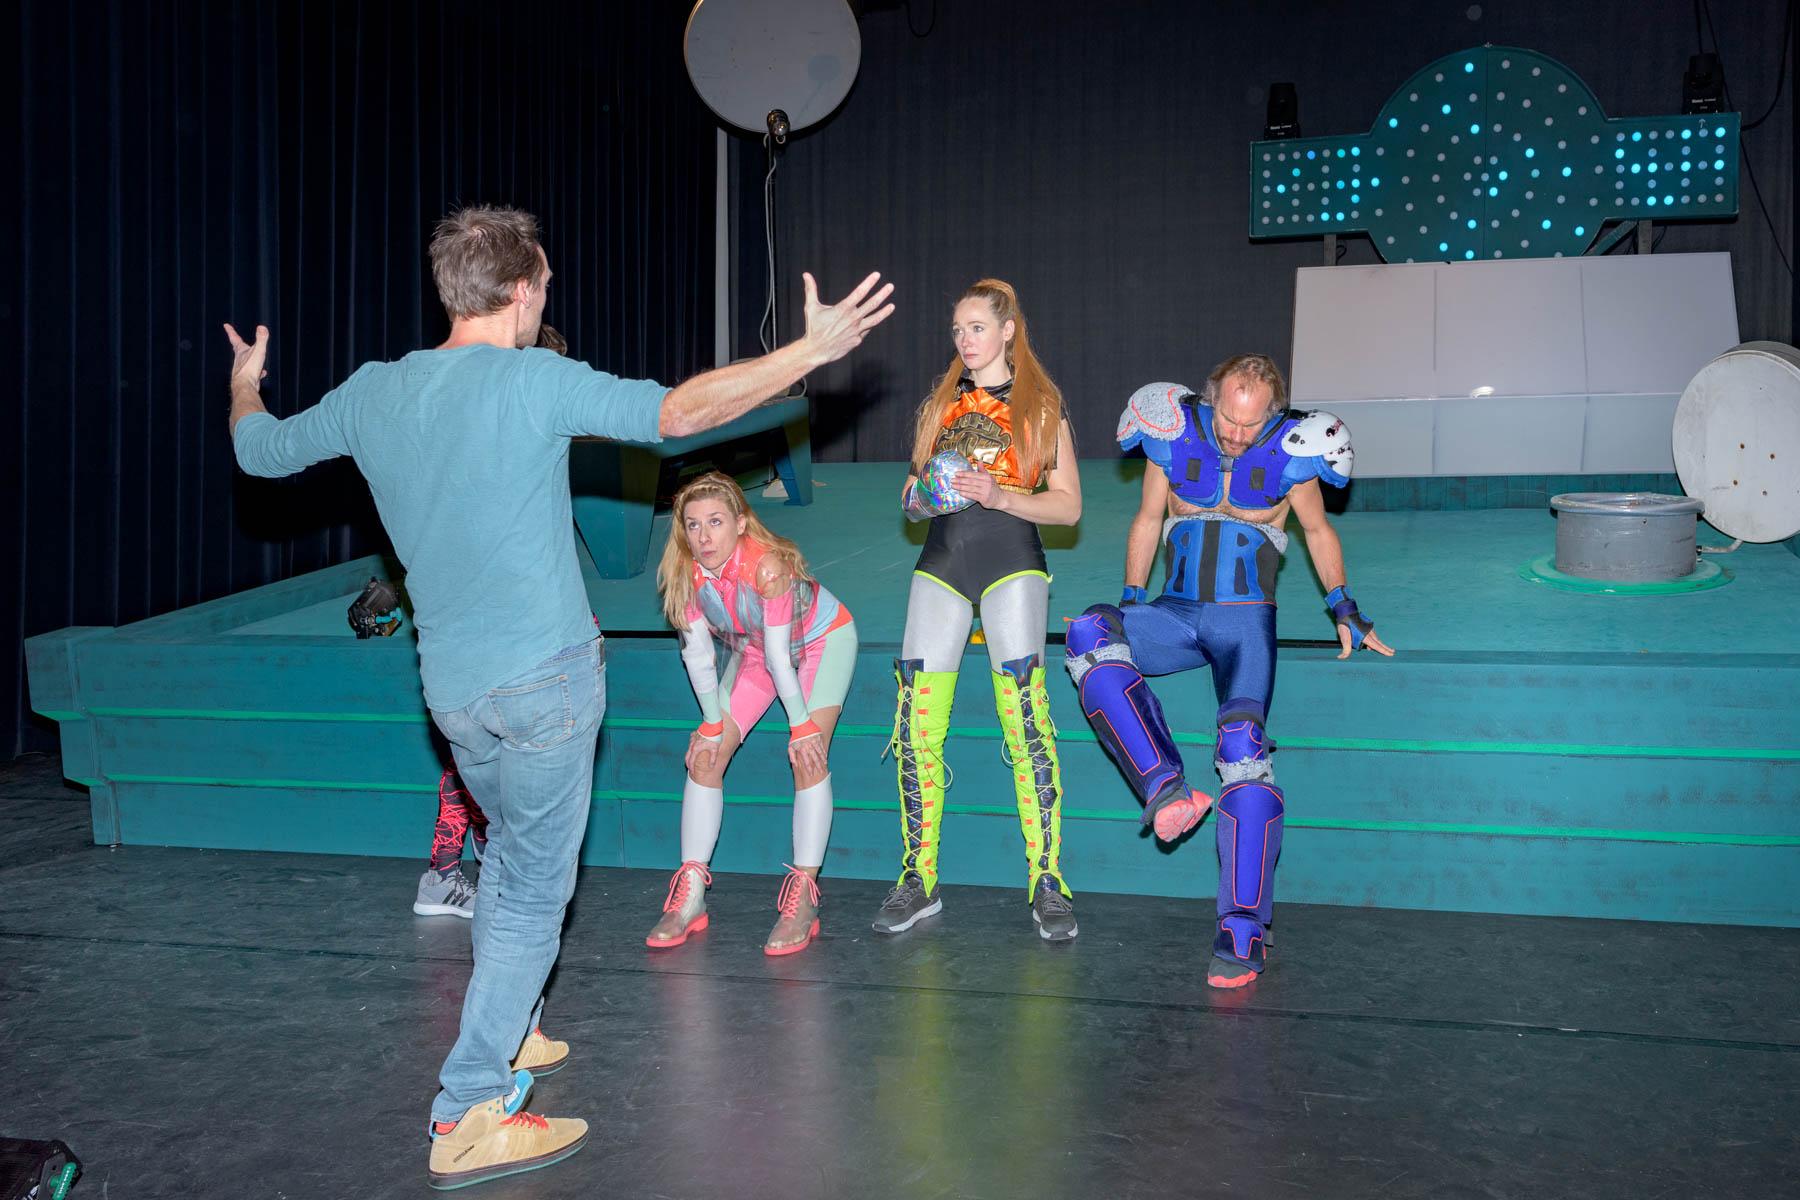 Gewoon Held Laagland Theater | sas schilten fotografie